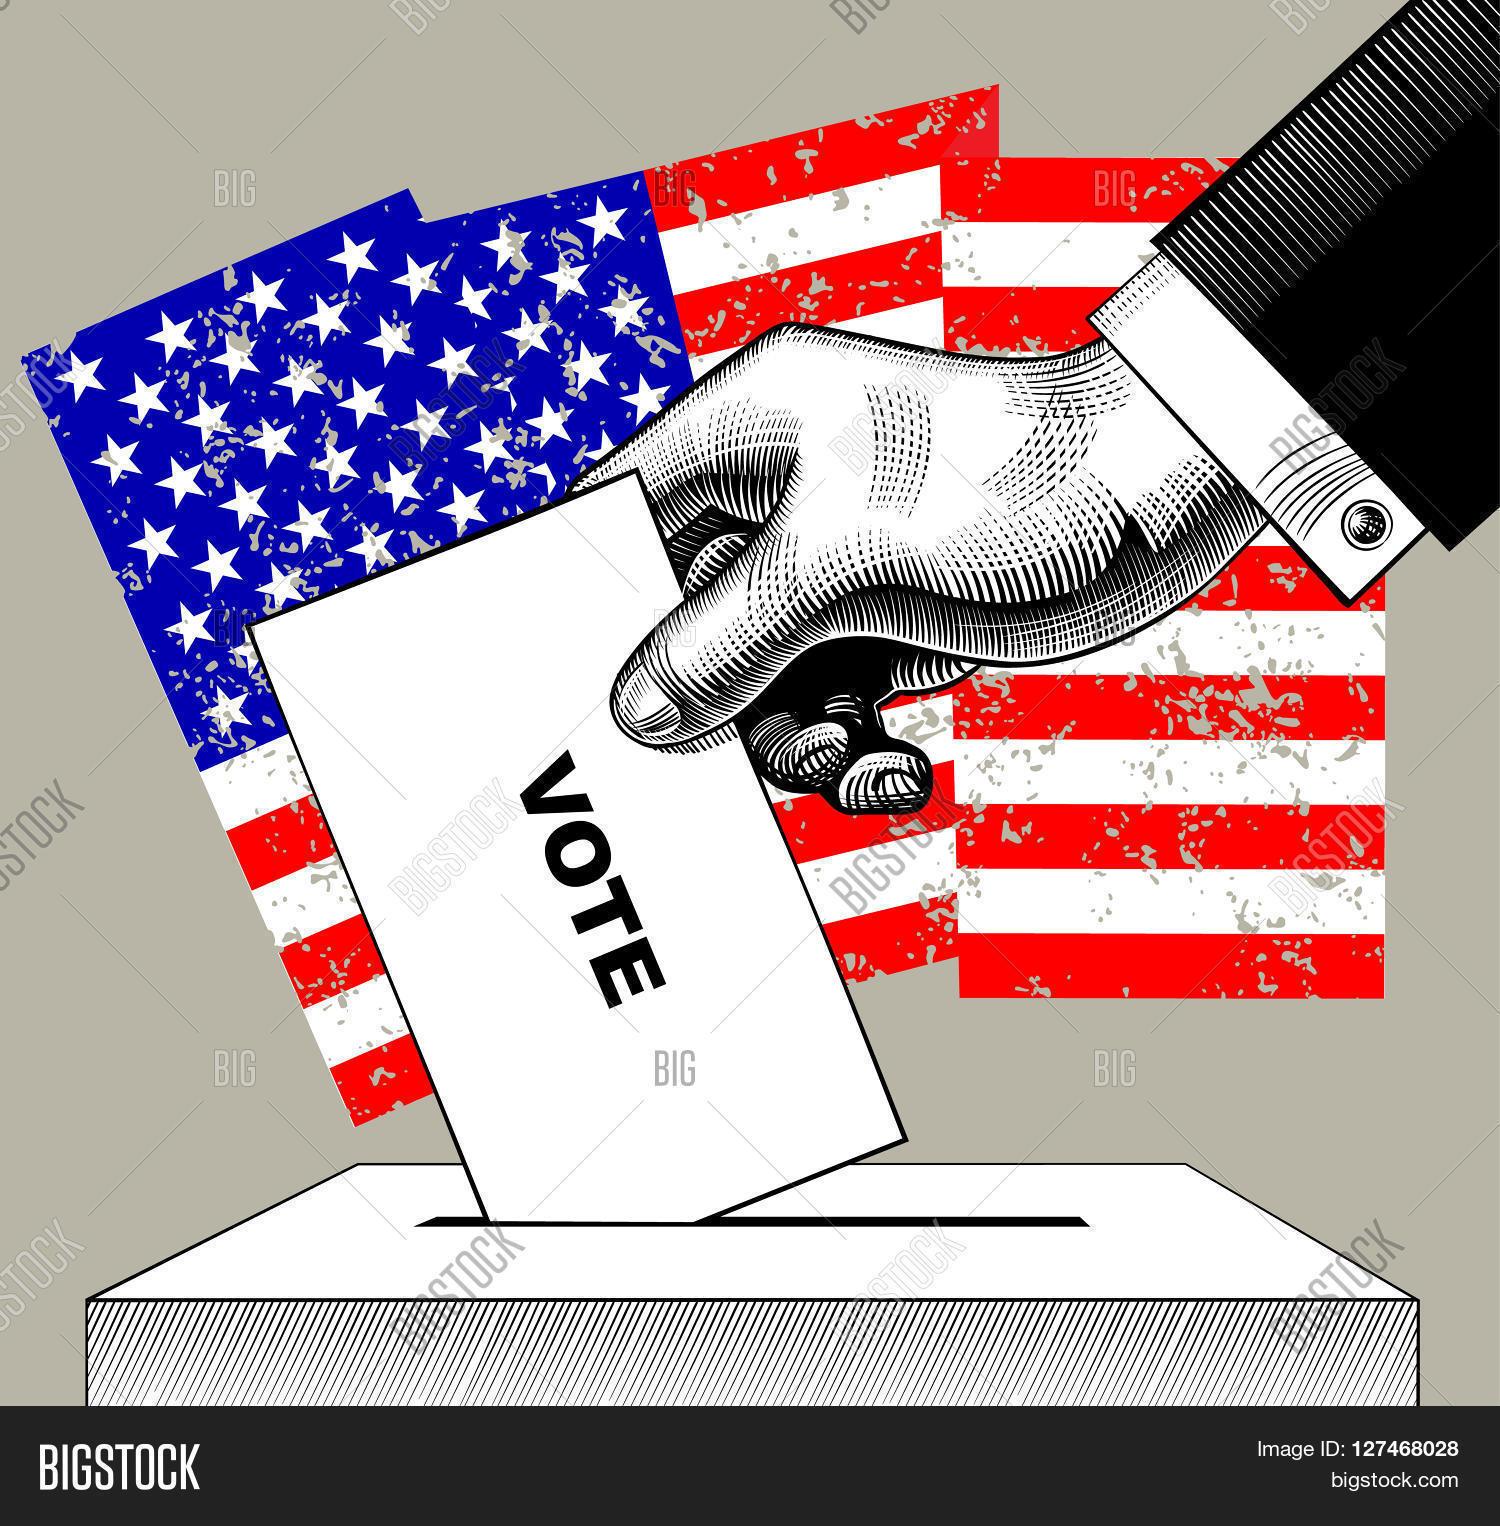 no presidential re election essay Смотреть видео real estate wealth autos  trump vs clinton: the election no one wants  america is hurtling towards an election that no one wants.